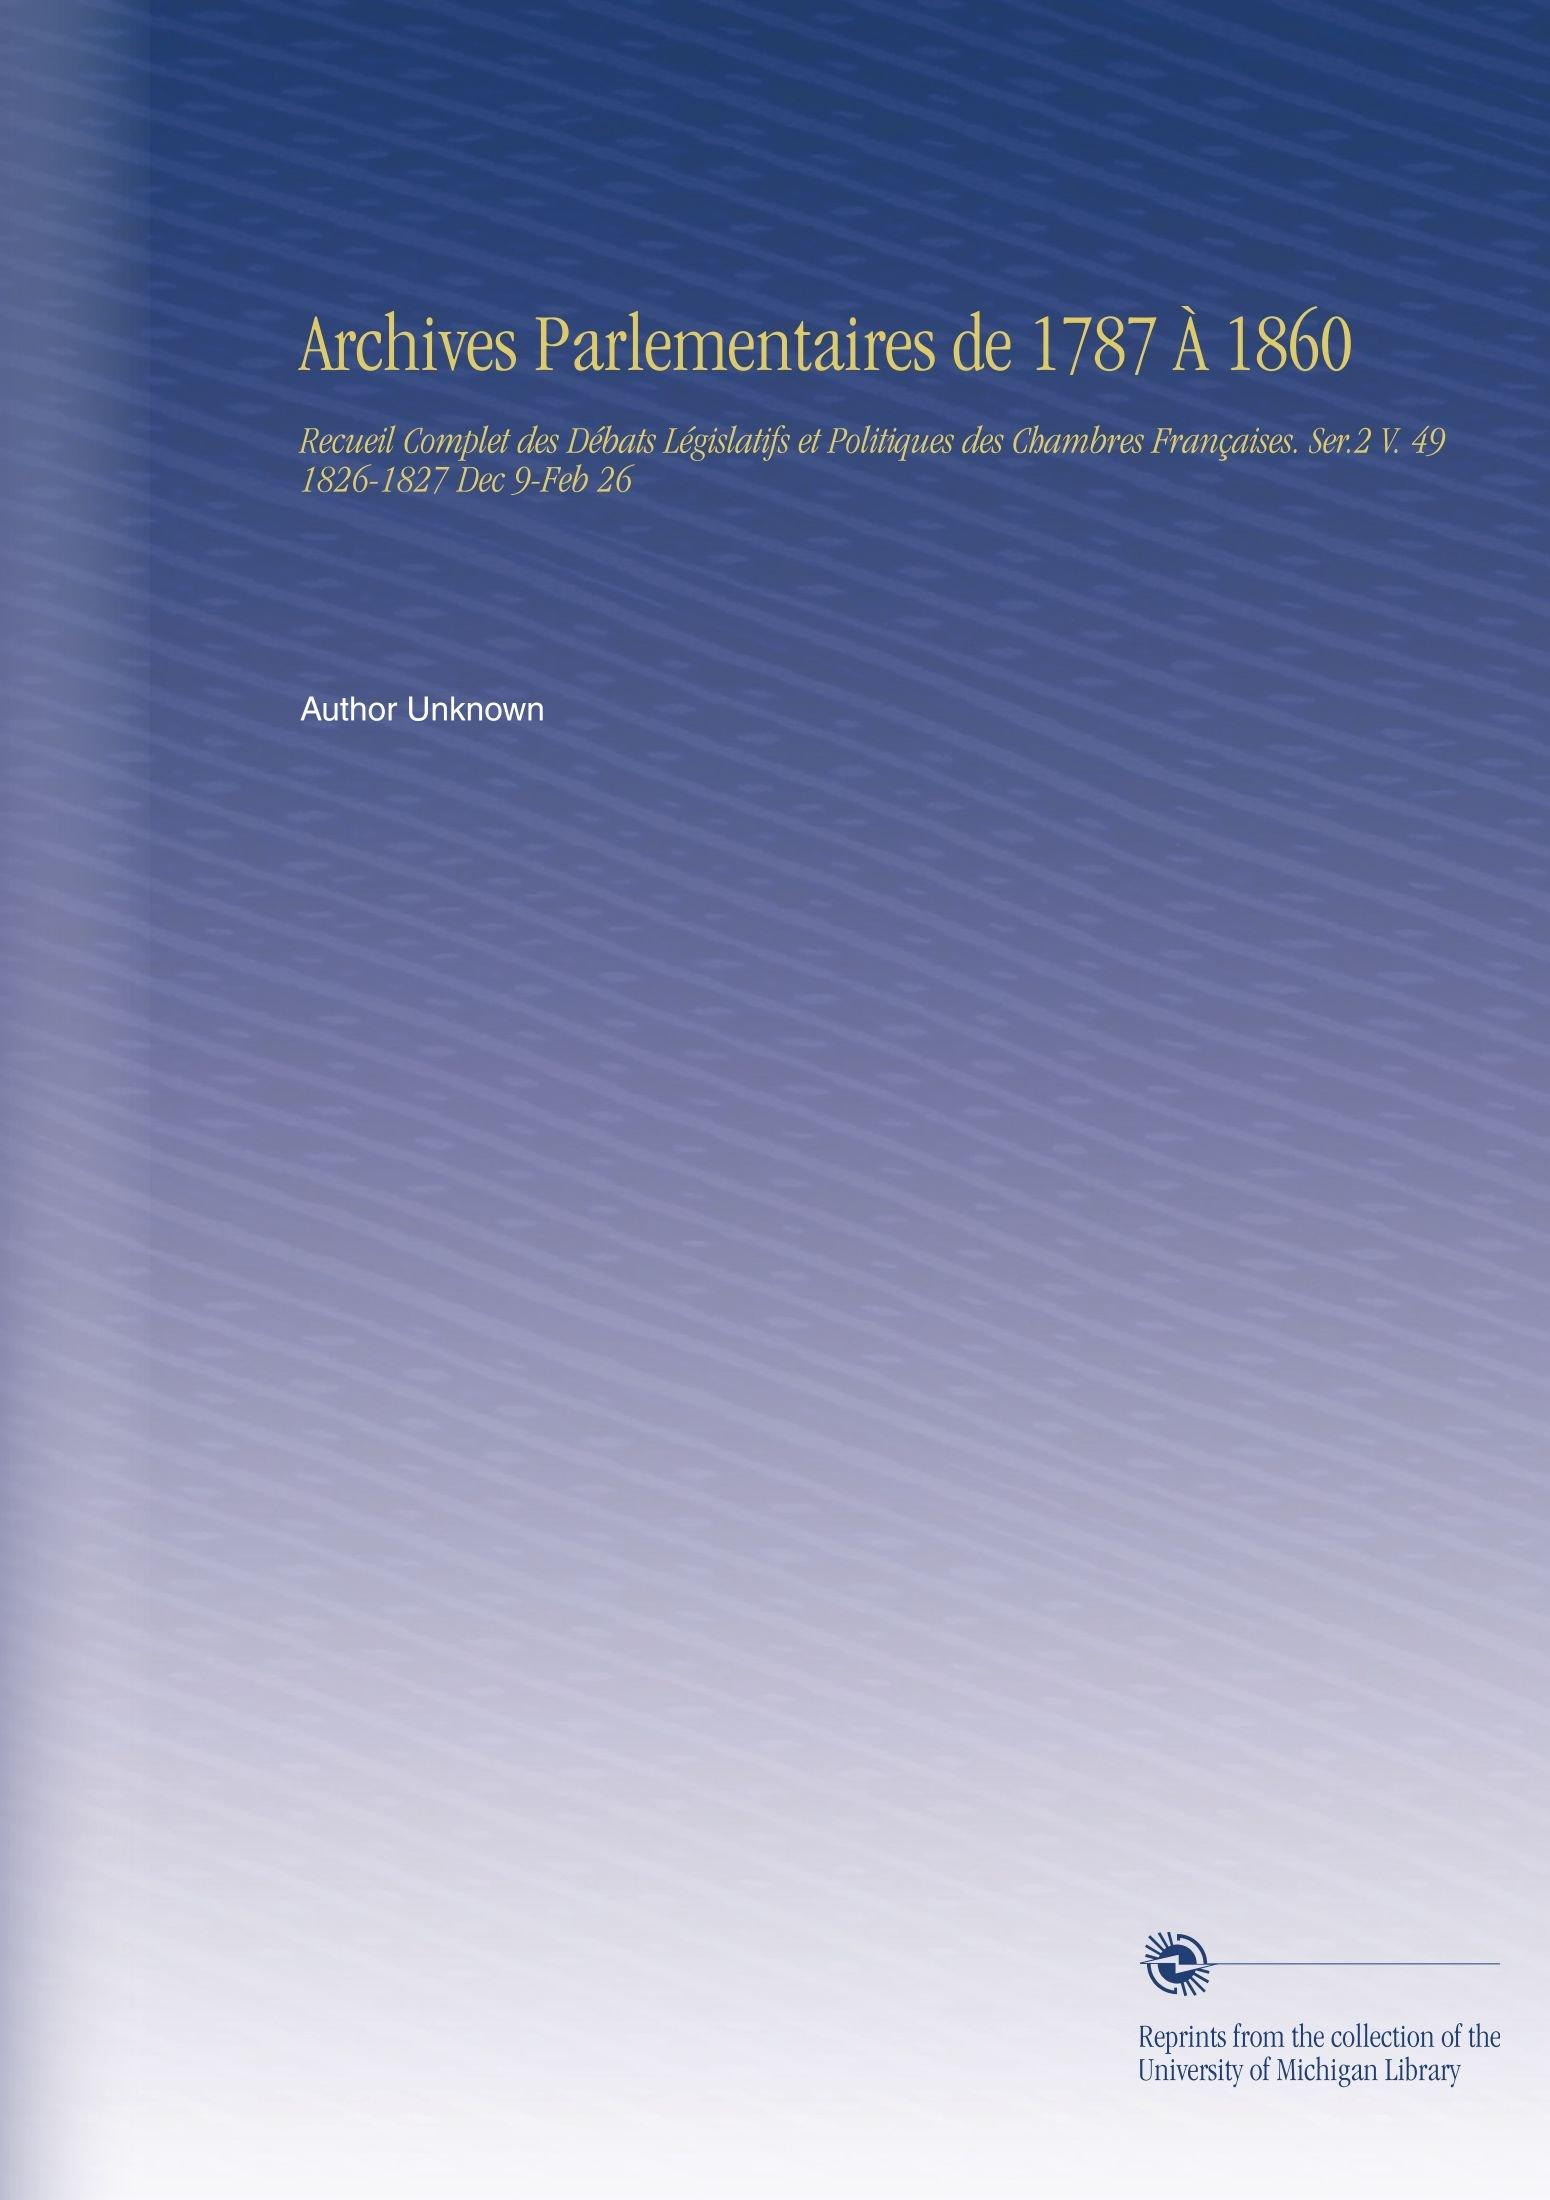 Archives Parlementaires de 1787 À 1860: Recueil Complet des Débats Législatifs et Politiques des Chambres Françaises. Ser.2 V. 49 1826-1827 Dec 9-Feb 26 (French Edition) ebook